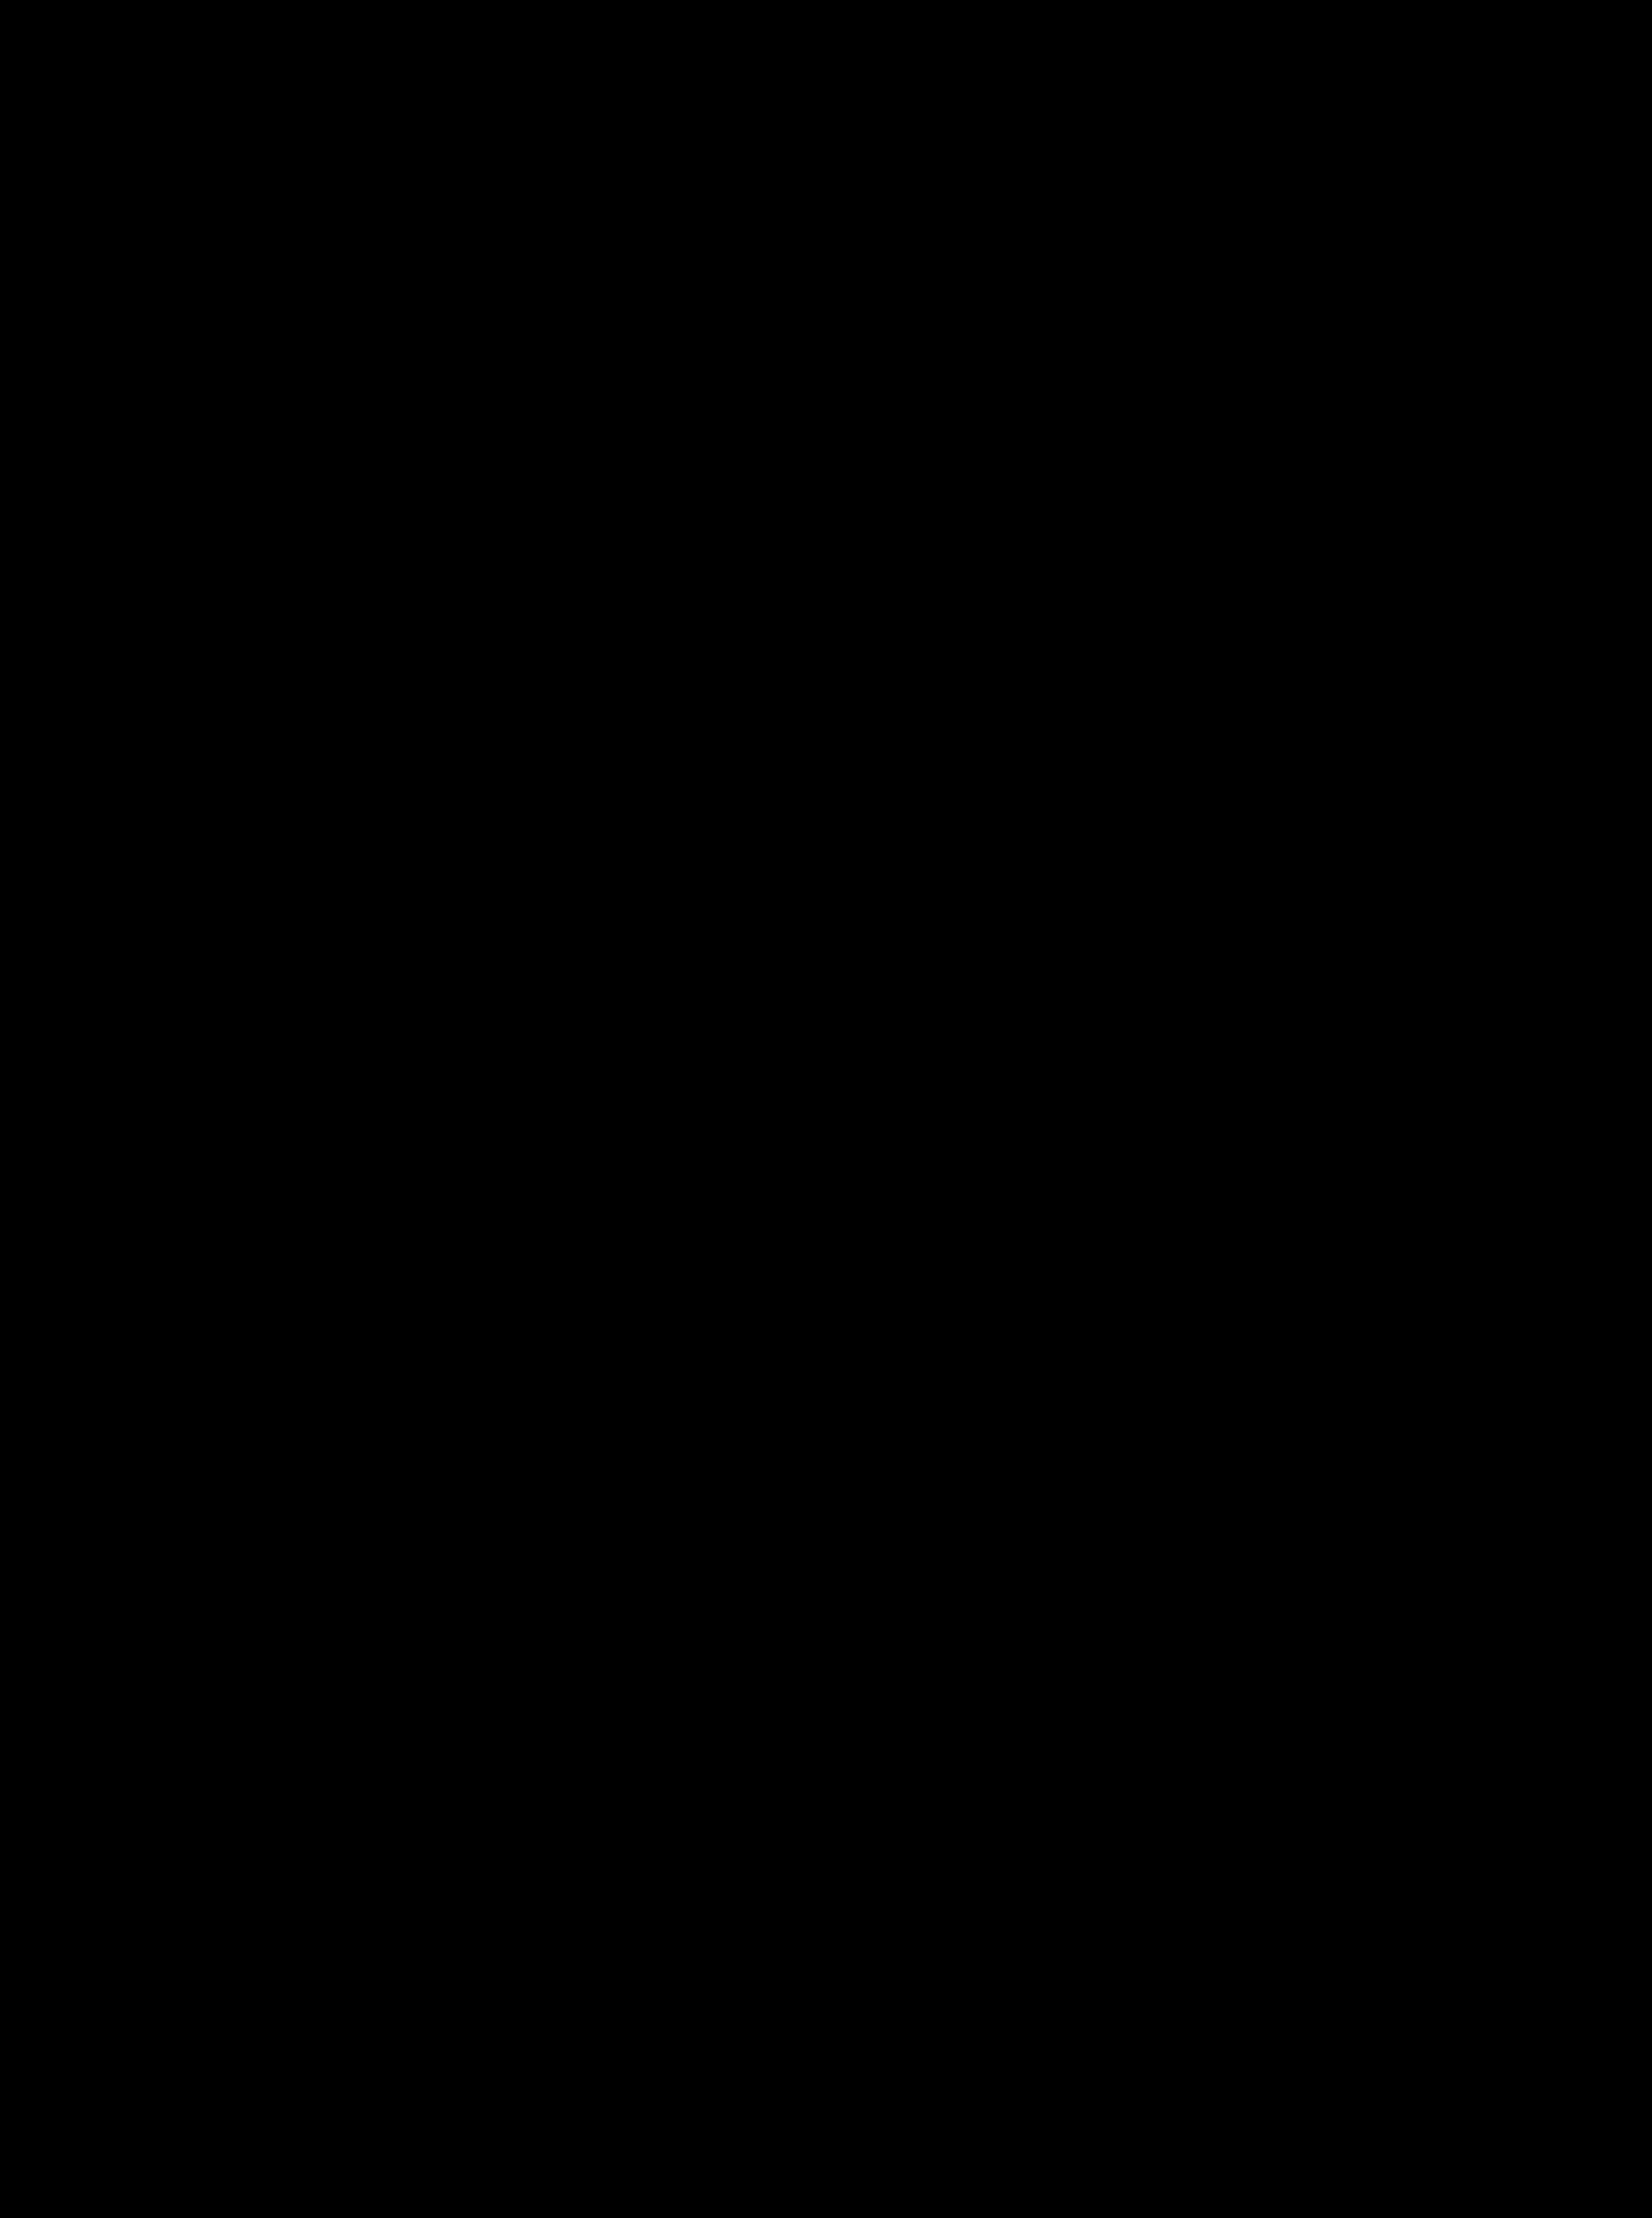 kart over norge no File:Kart over den sydlige og nordlige deel af Kongeriget Norge  kart over norge no